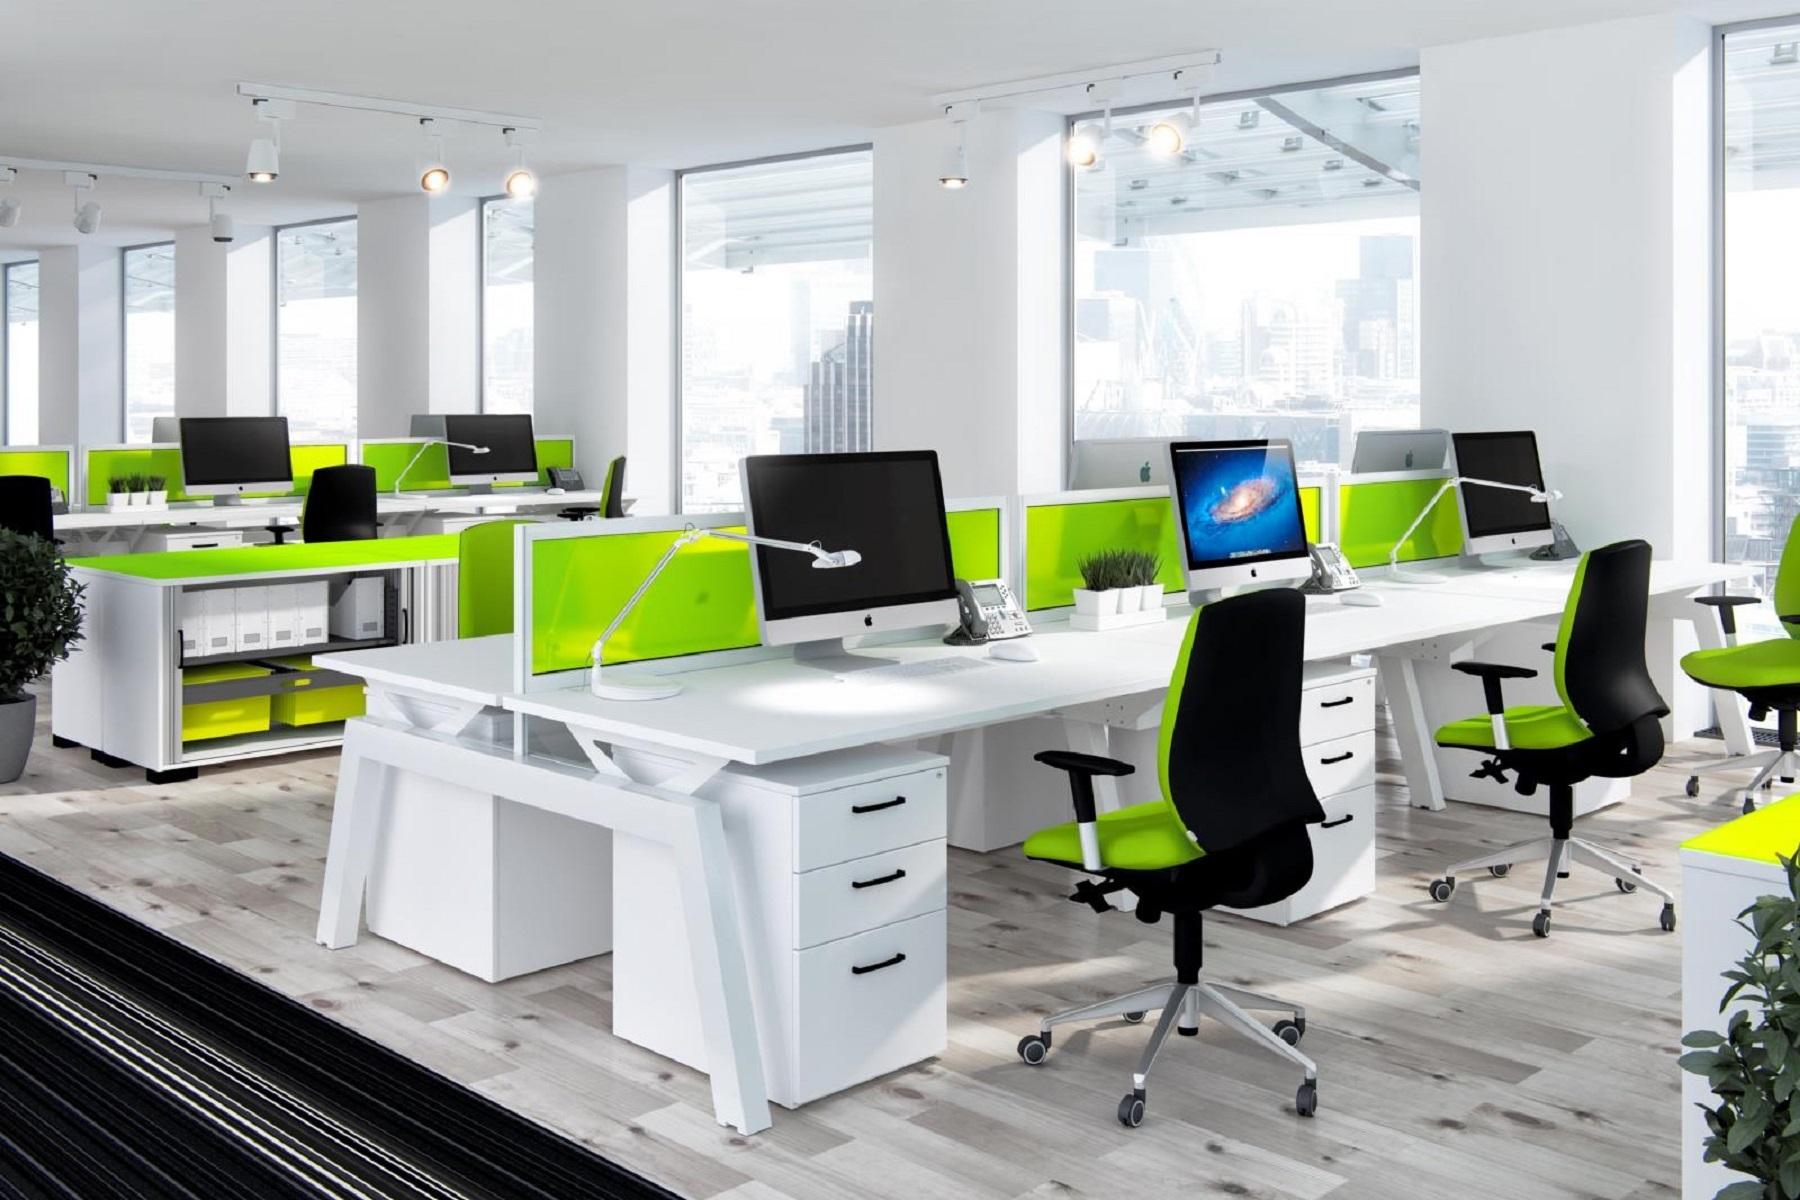 Офисная мебель от компании Green удовлетворит высокие запросы покупателей